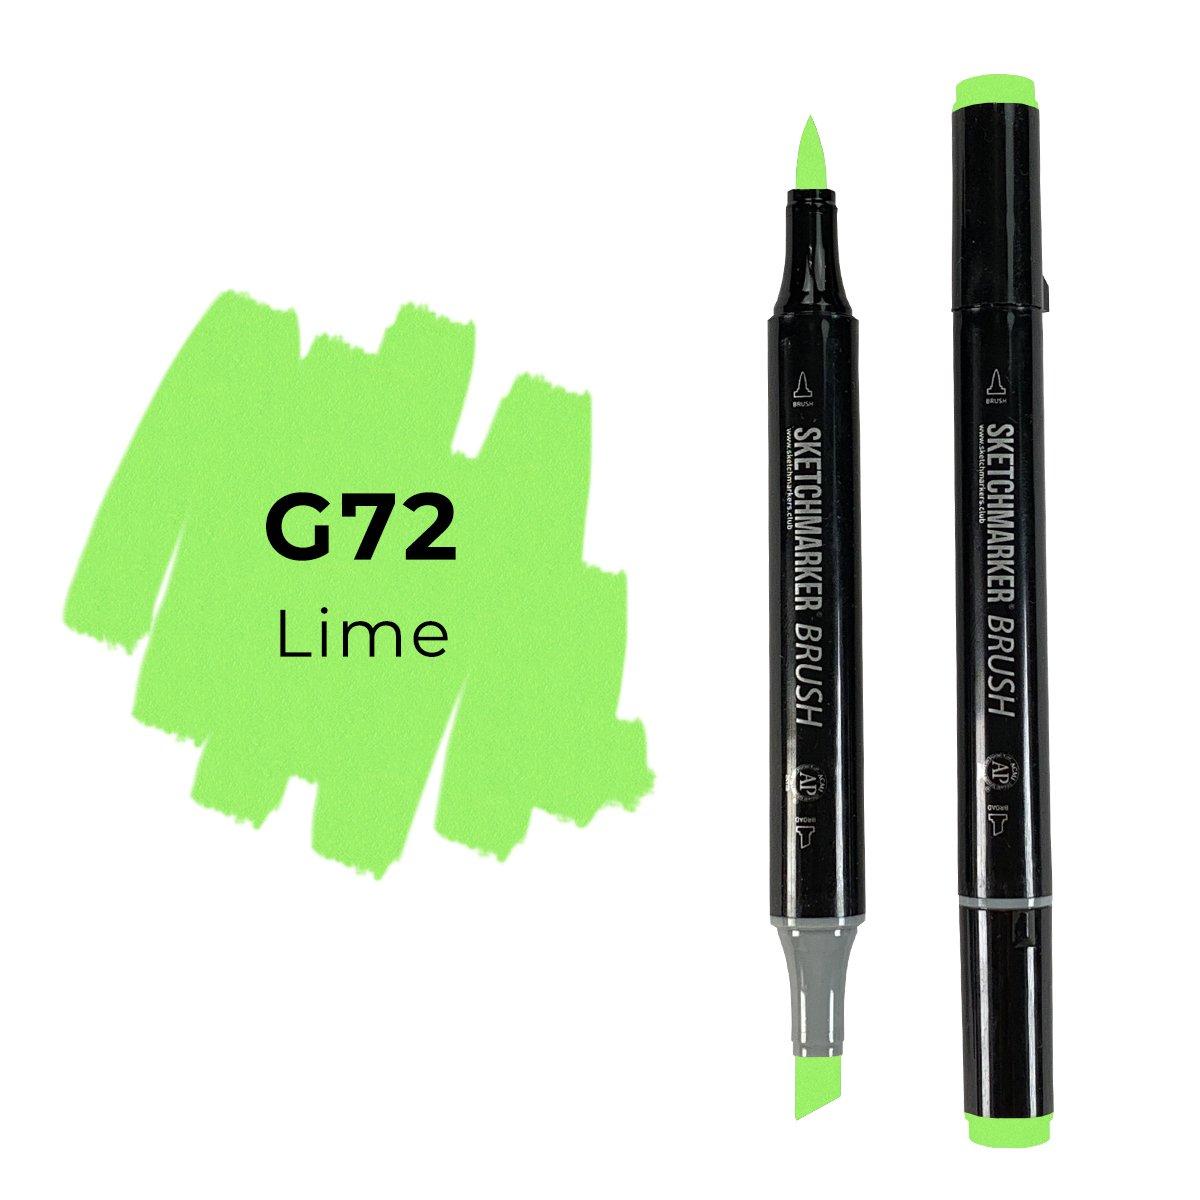 SKETCHMARKER BRUSH PRO Color: Lime